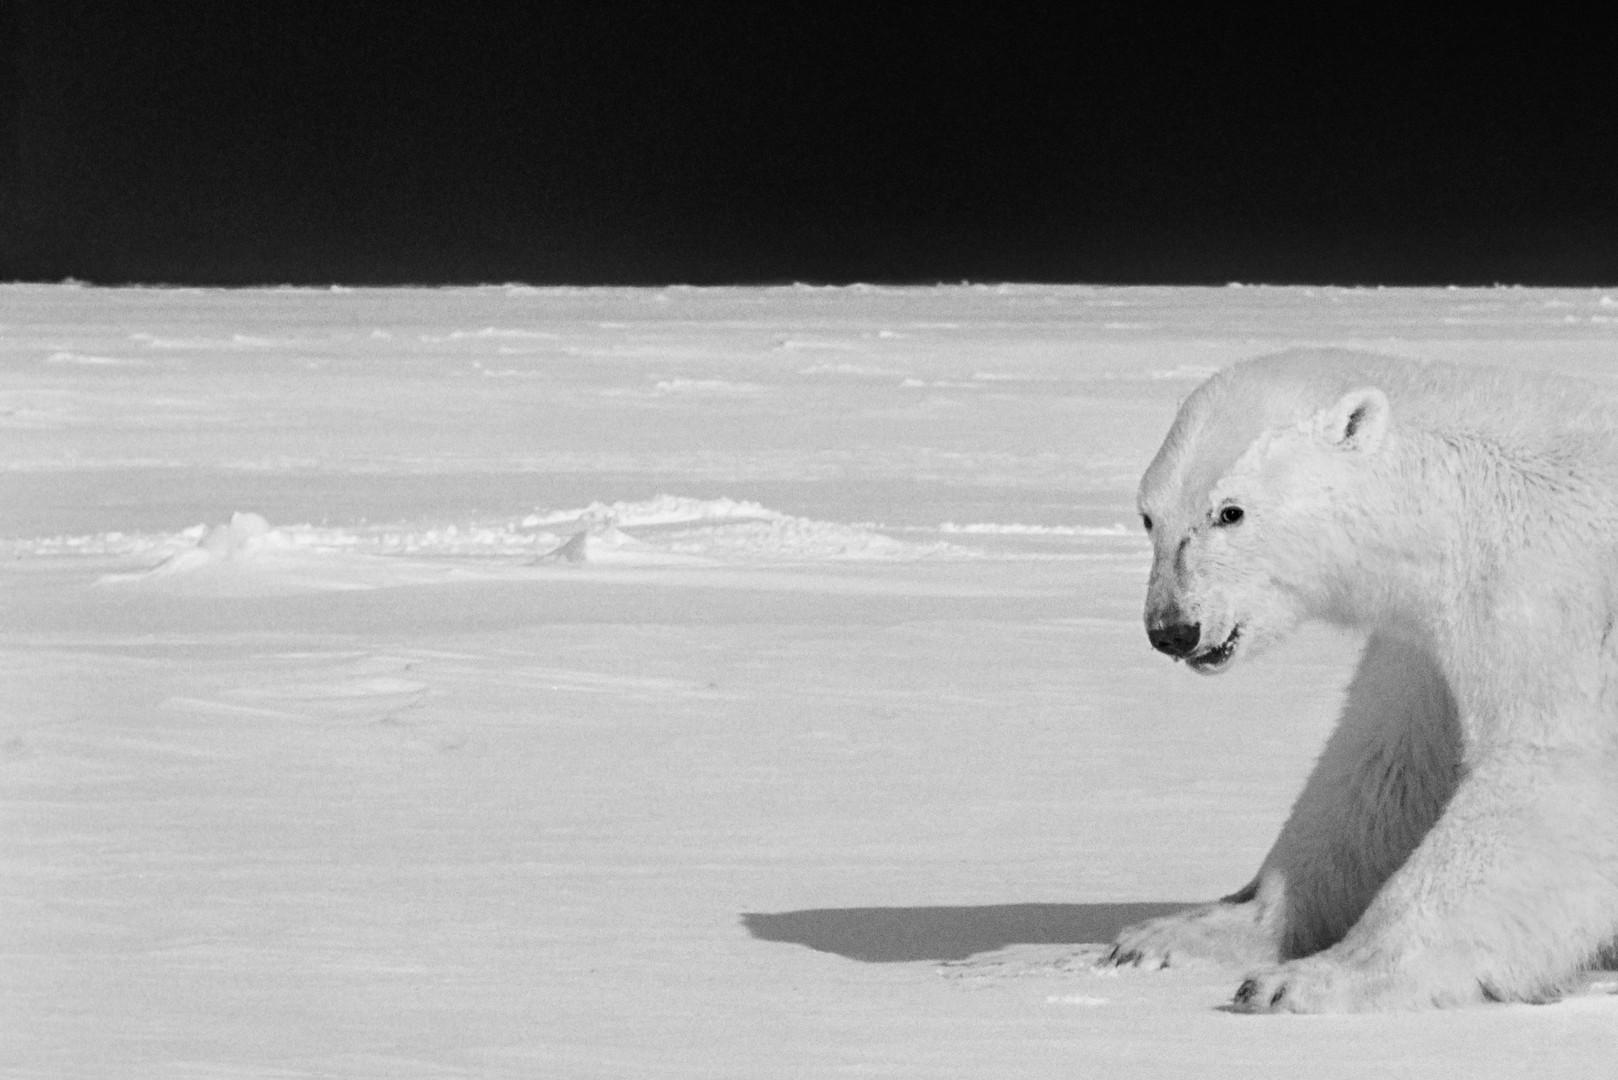 北极英雄:世界融化 | 拉格纳·阿克塞尔森 | 2020